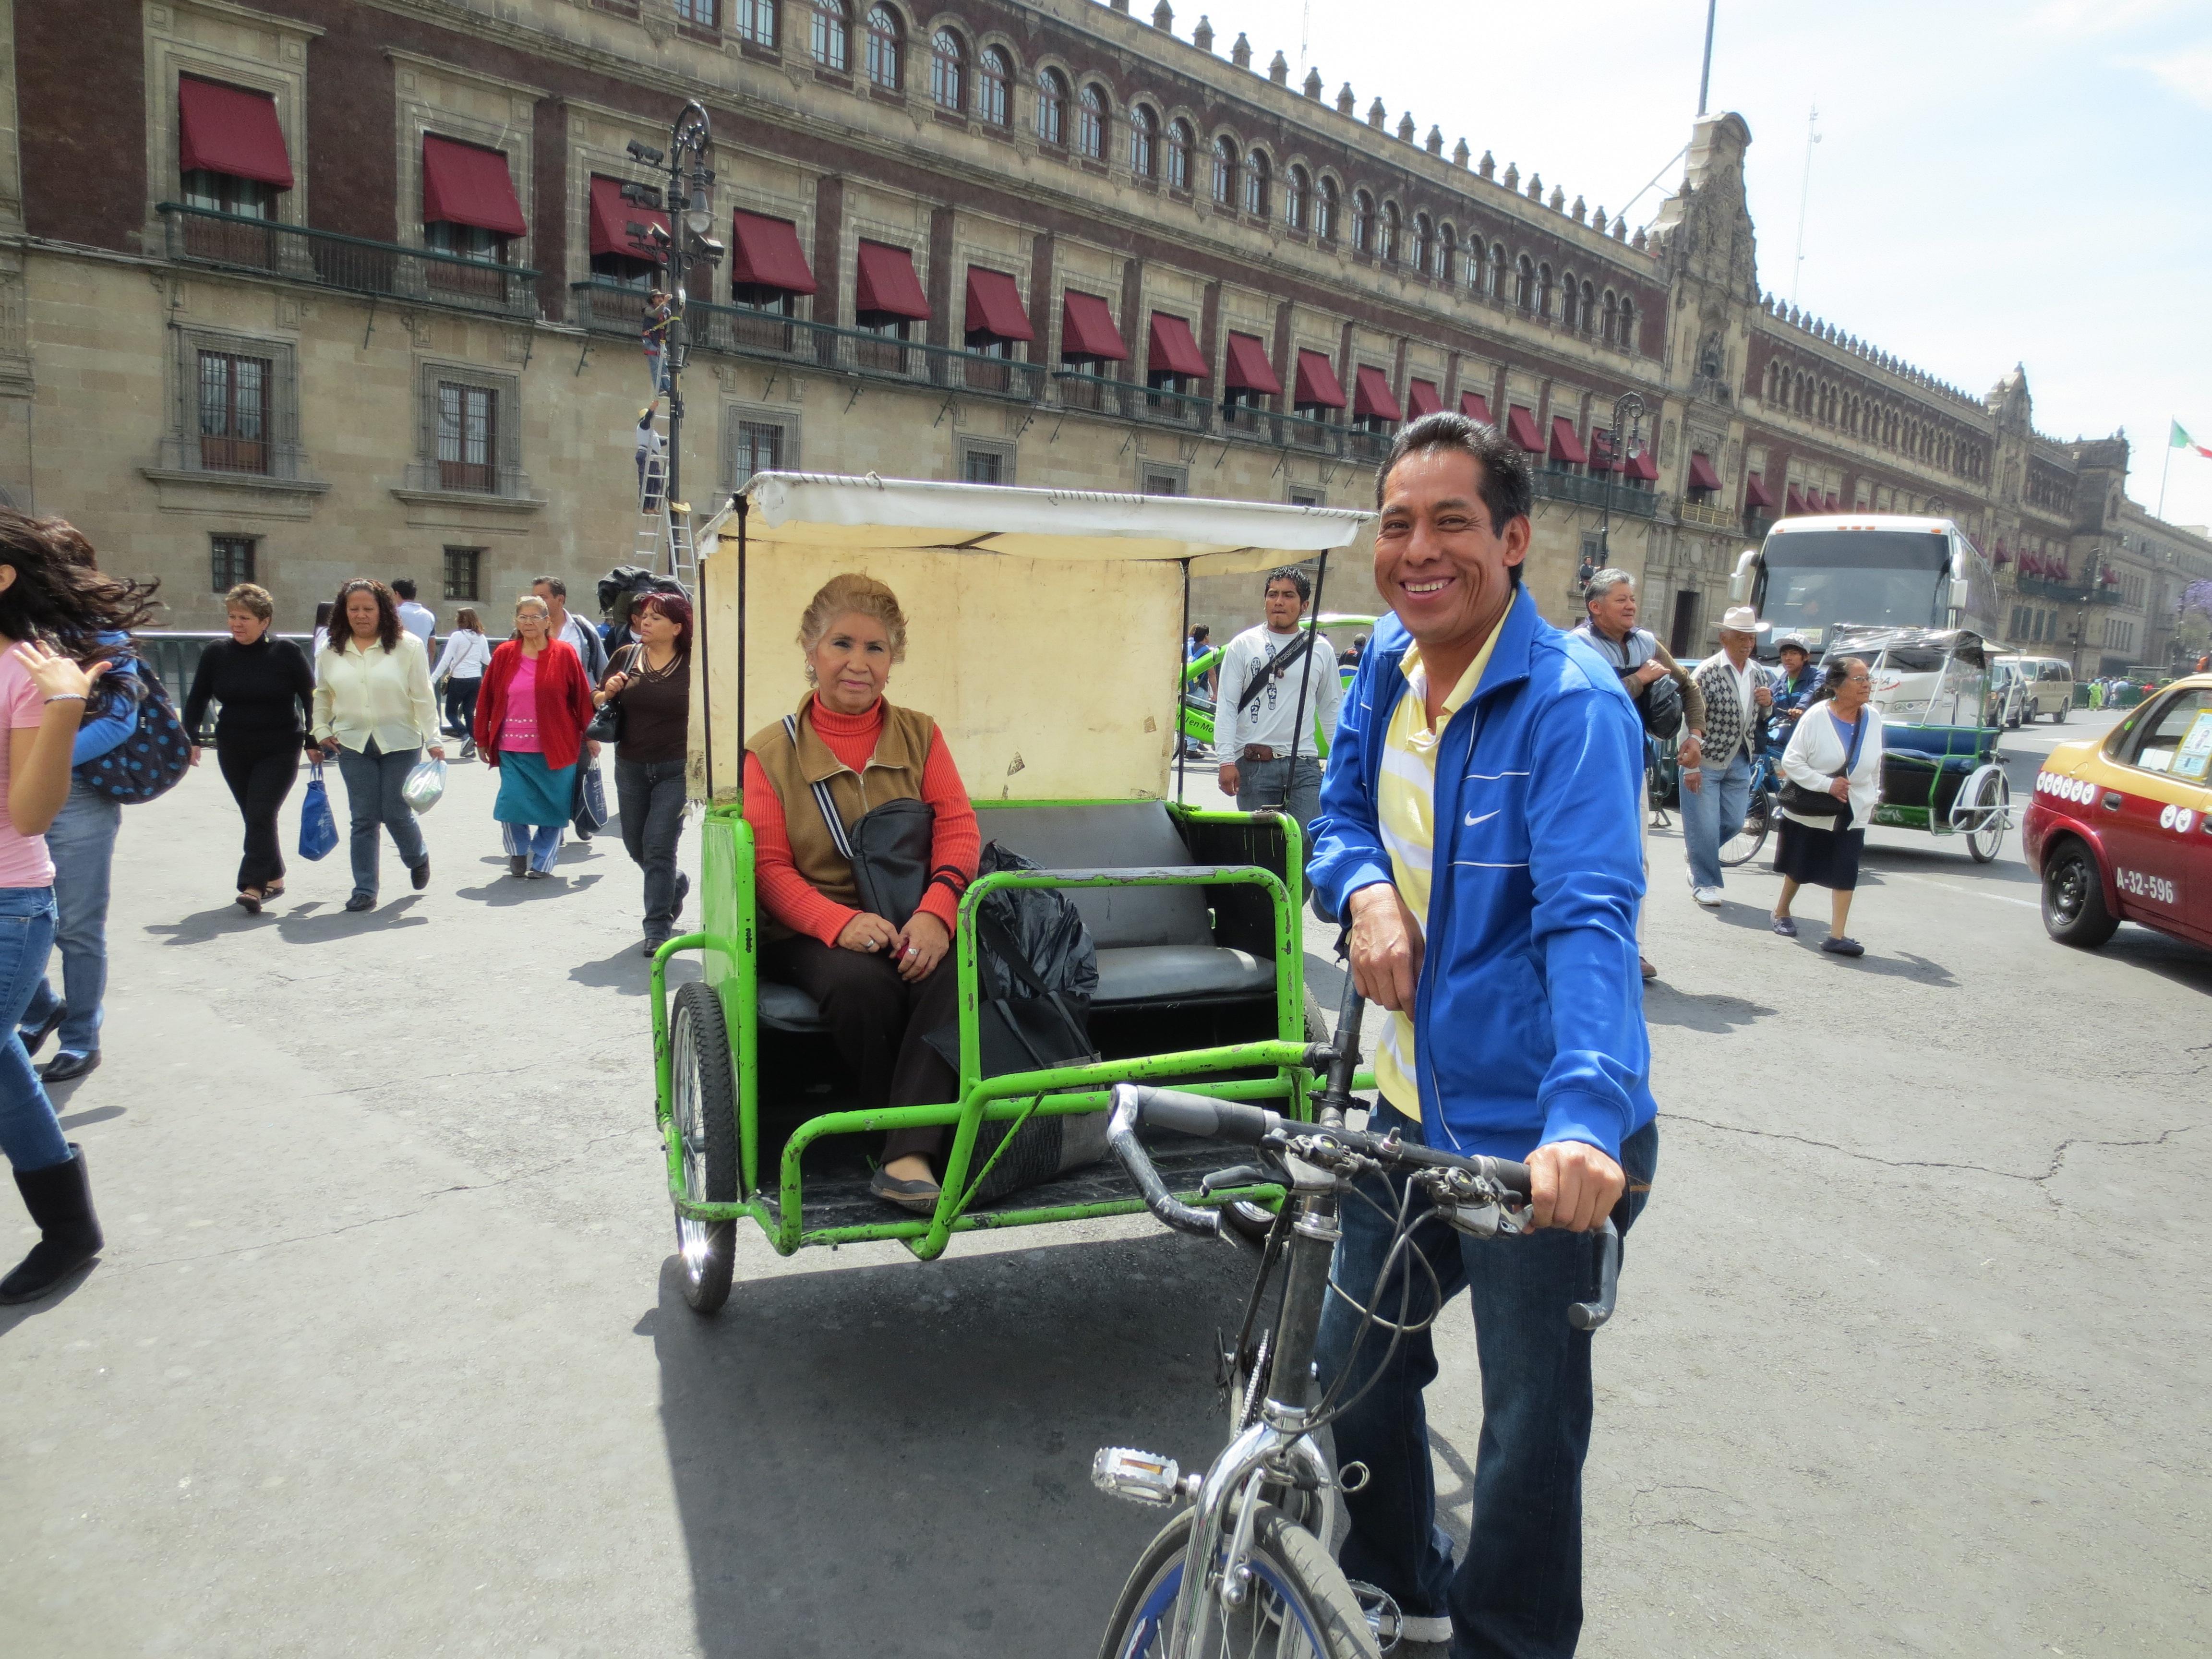 Cristina Orozco a bordo de uno de los ciclotaxis que circulan por el centro histórico de la Ciudad de México. Foto: María Luisa Arredondo.